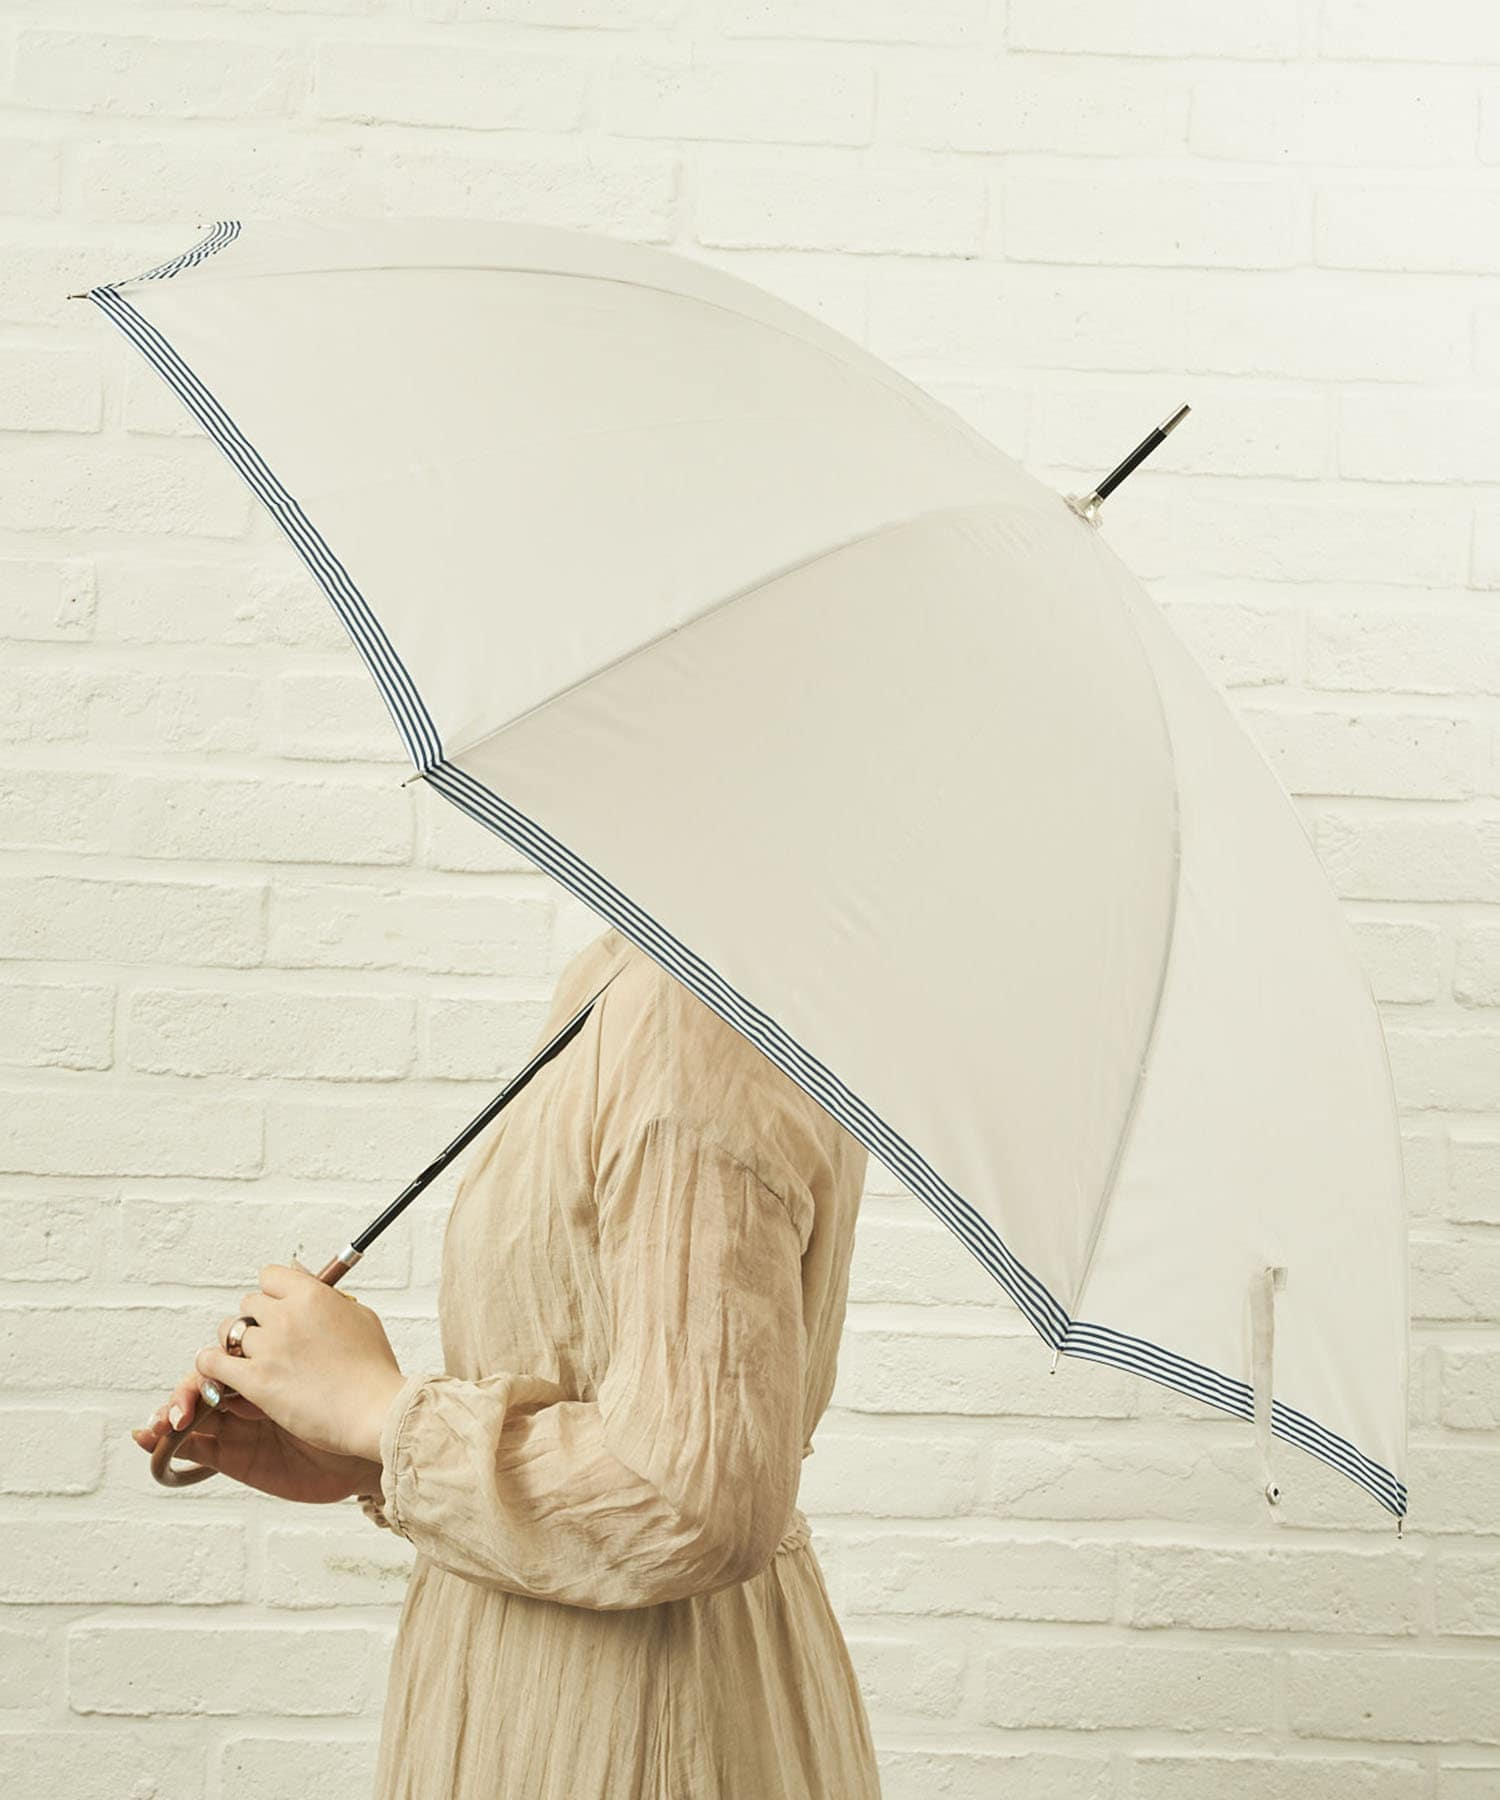 salut!(サリュ) ライフスタイル 雨傘長裾ボーダー(アイボリー) その他